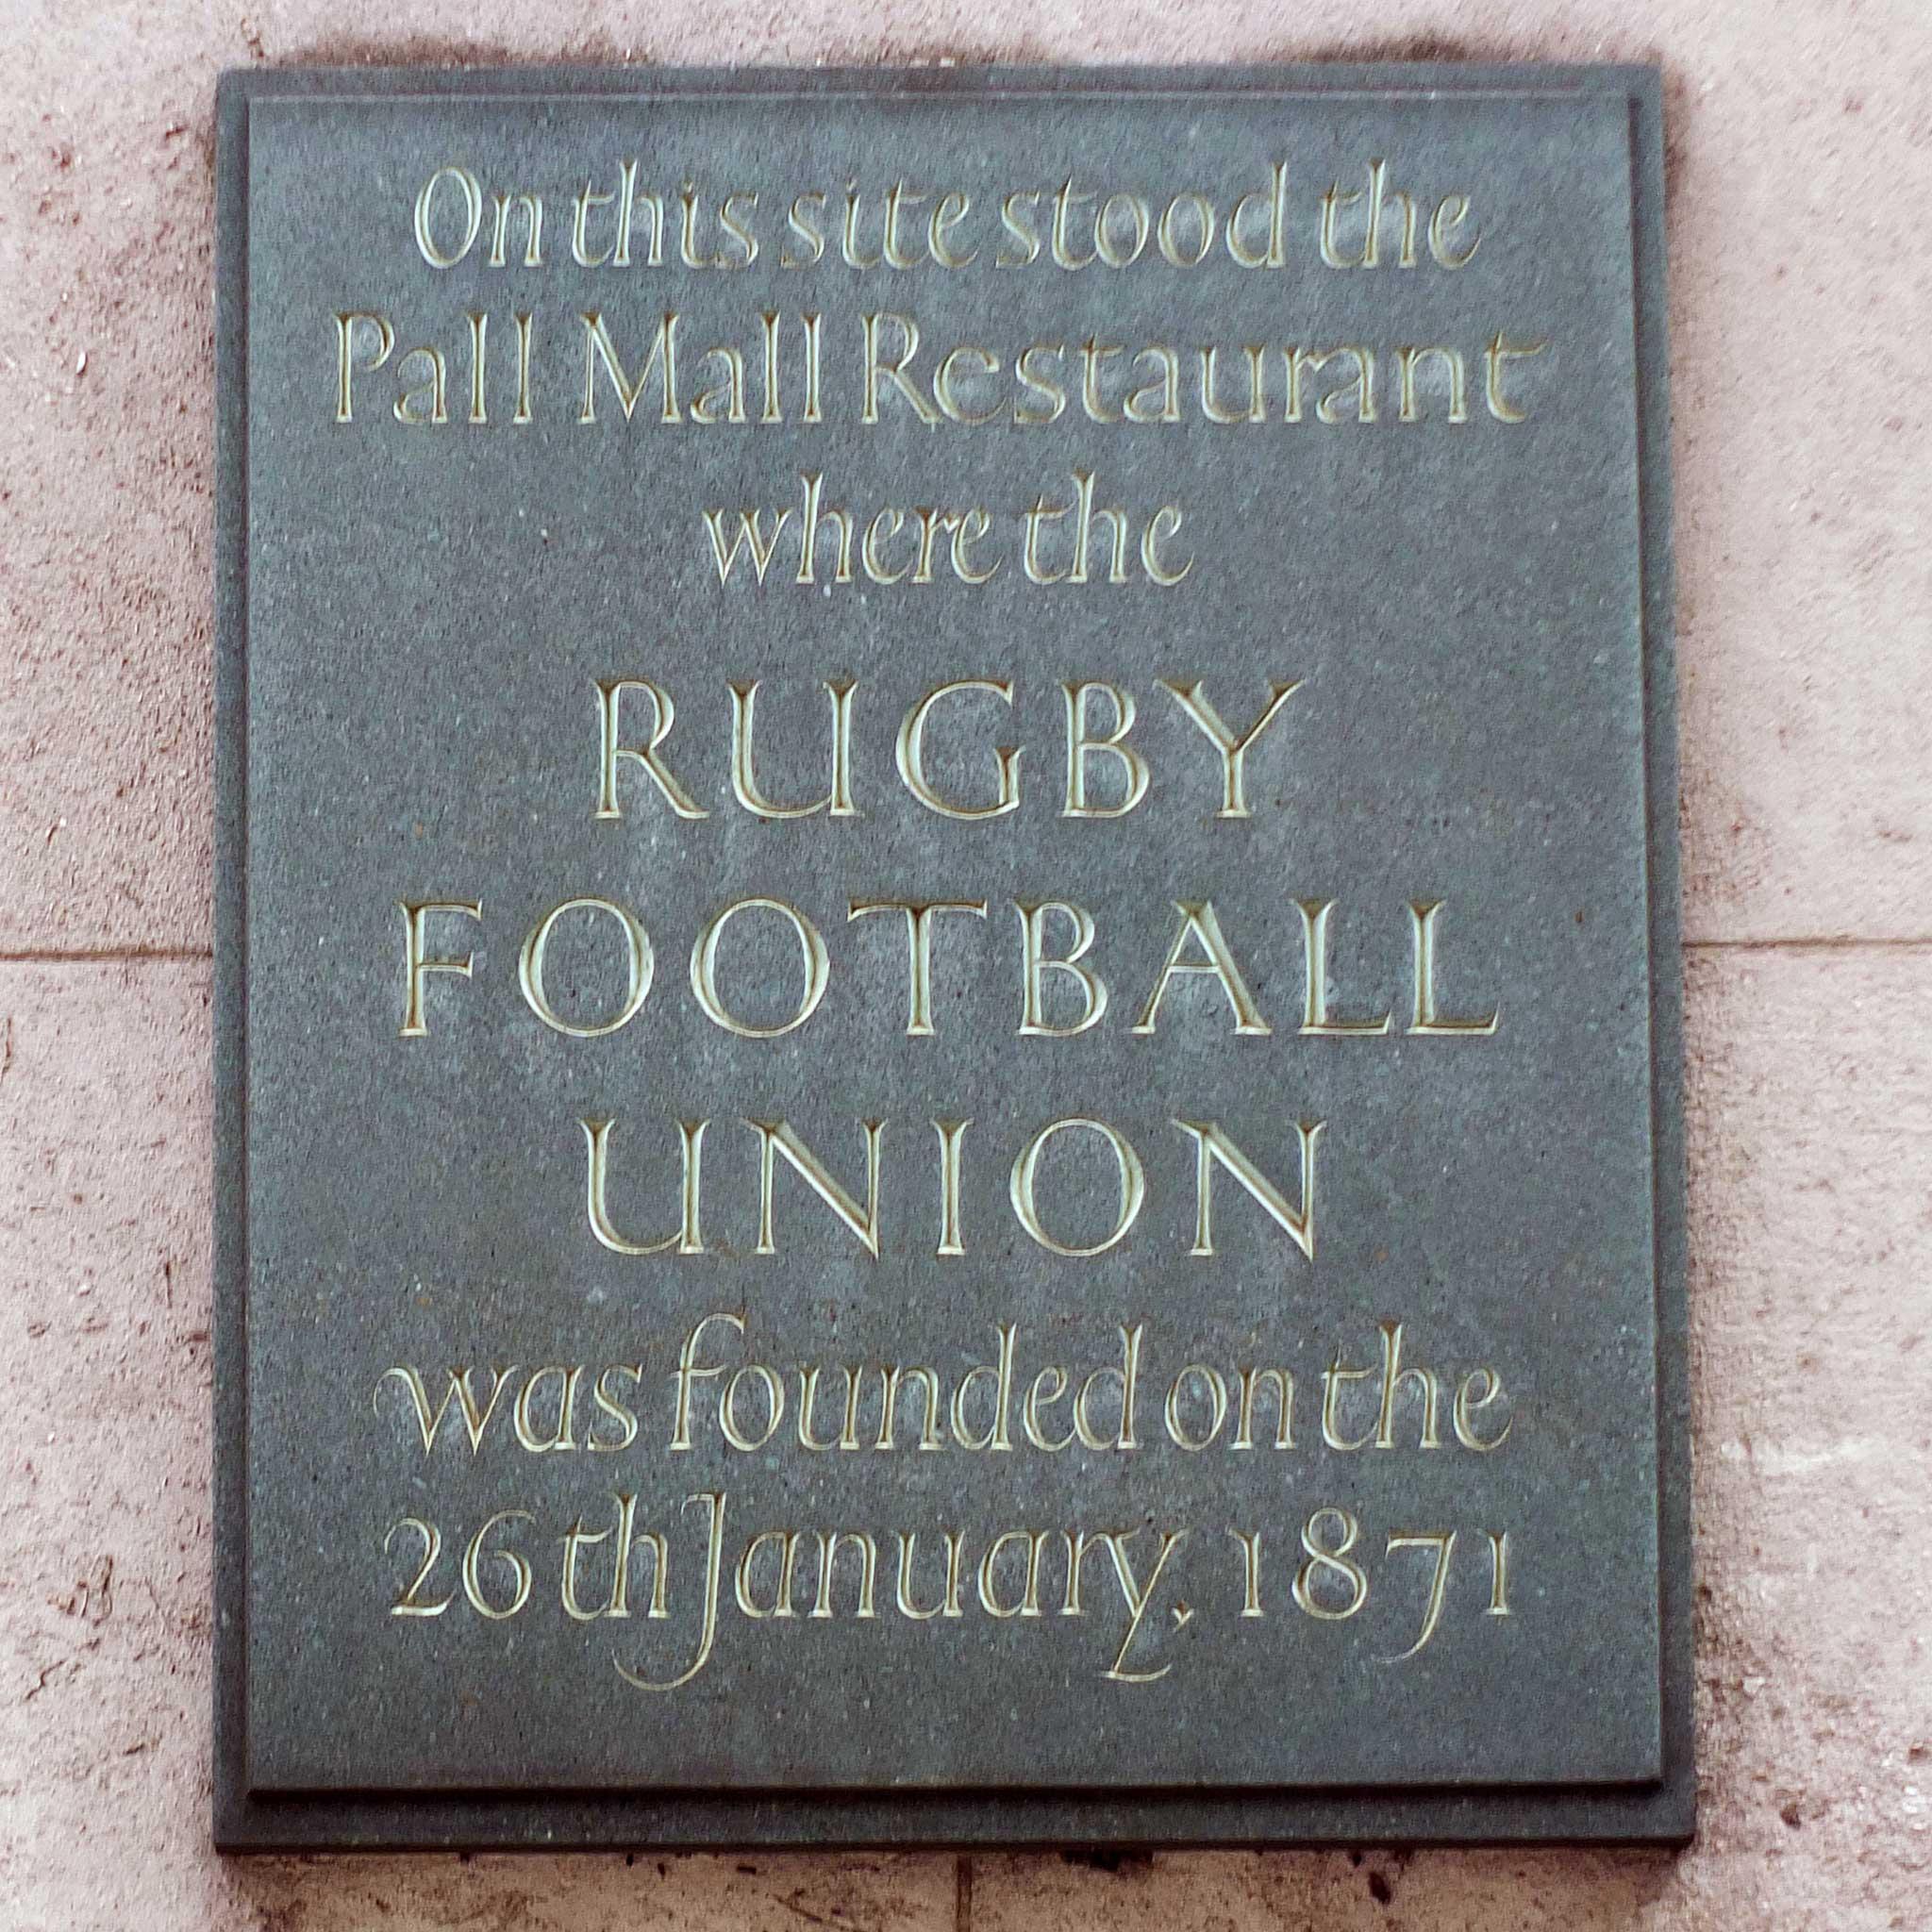 RFU commemorative plaque